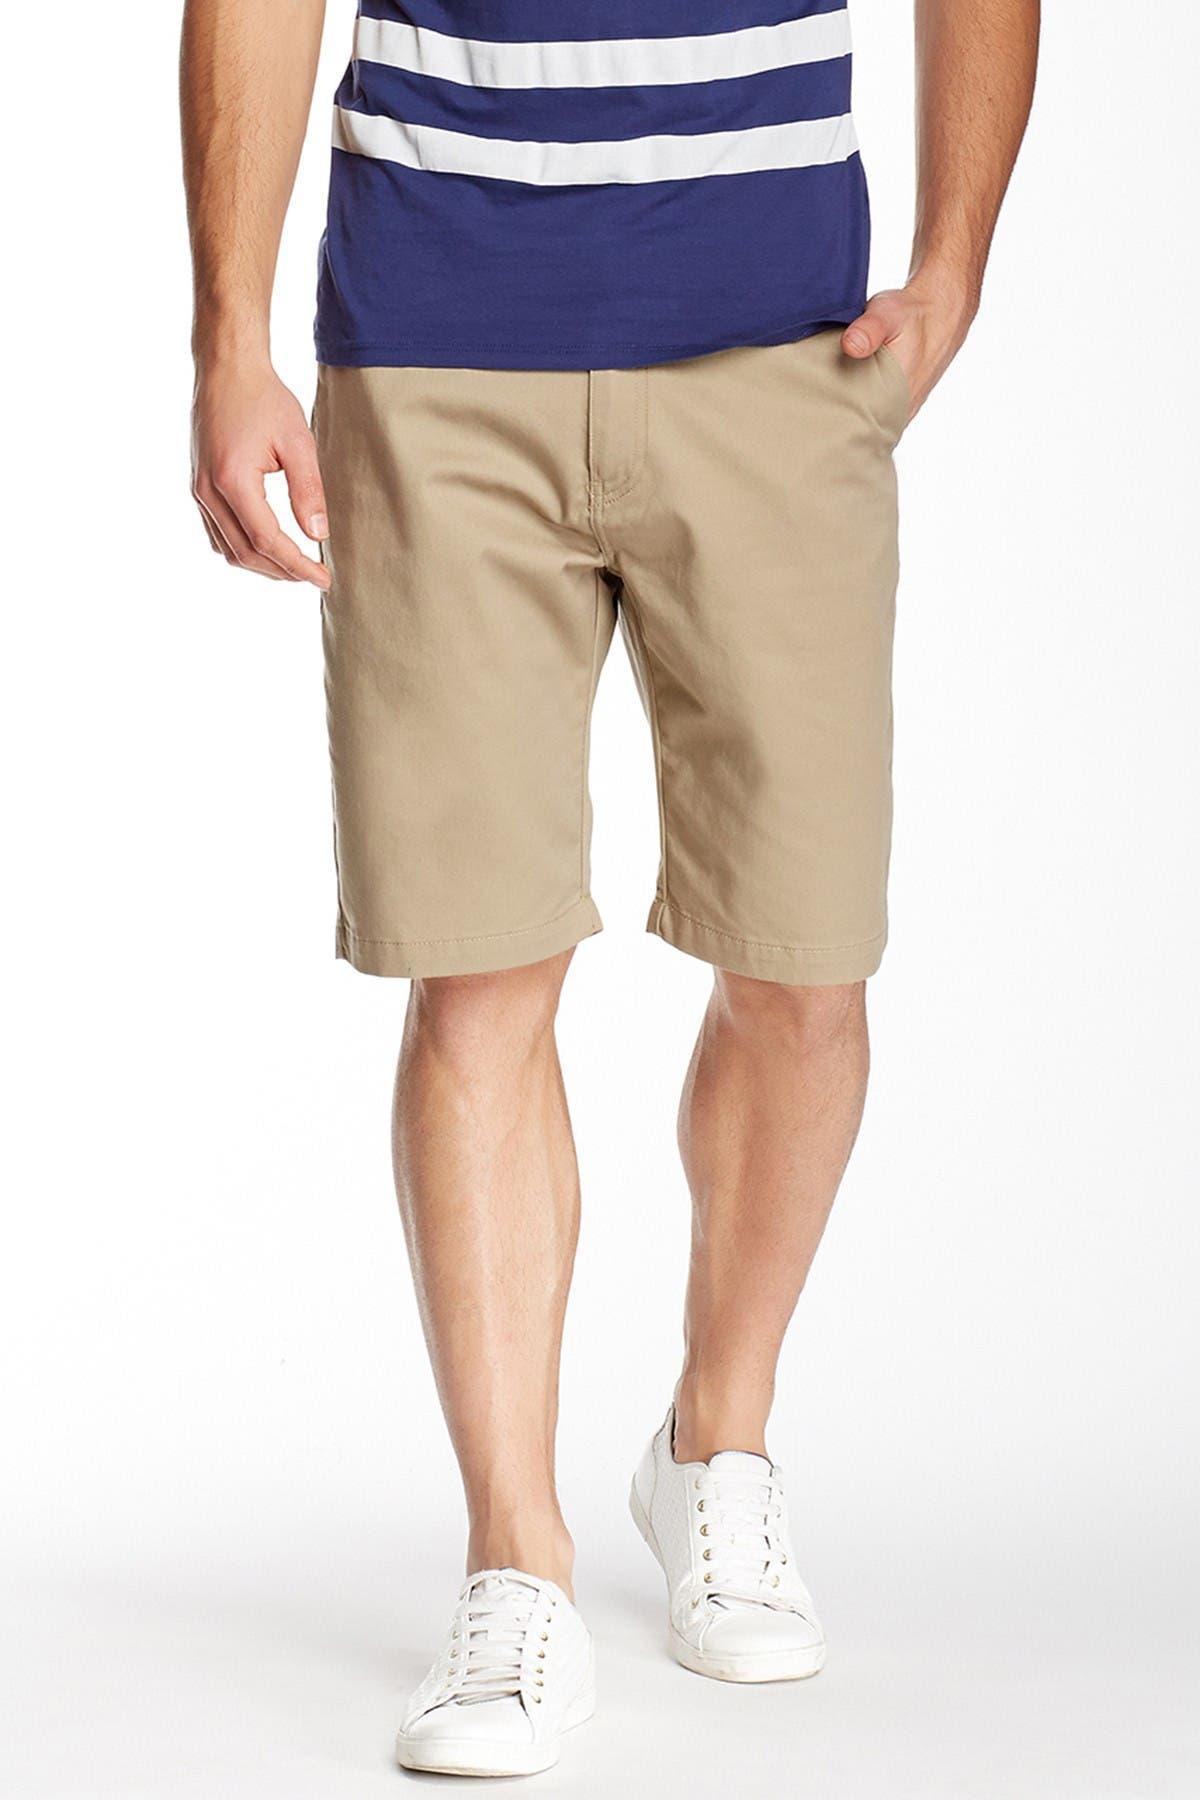 Image of Volcom V-Monty Modern Fit Shorts